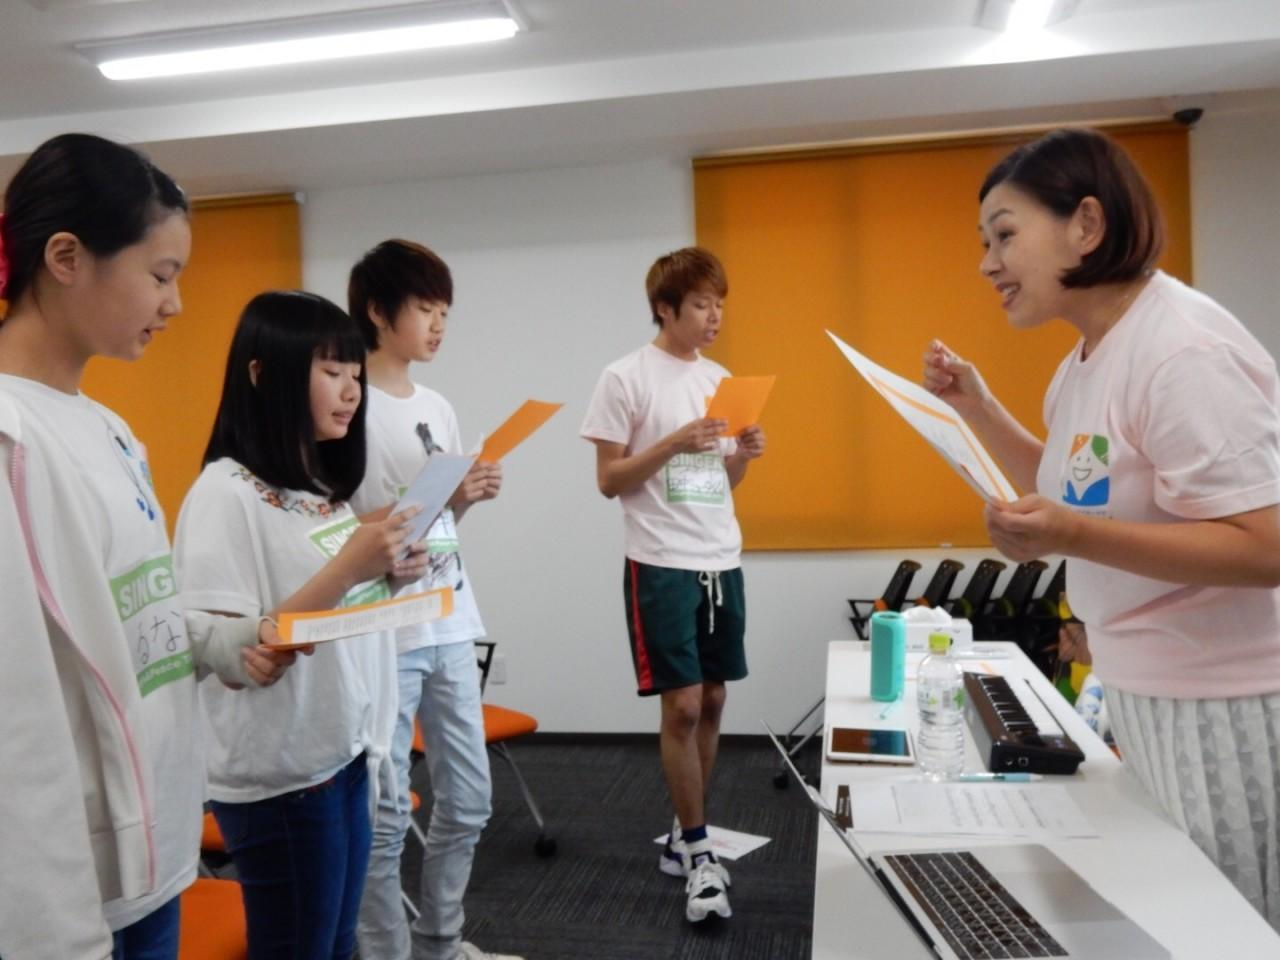 http://news.yoshimoto.co.jp/20180810113850-c3df96c8df4ff43e57905fd7f424dcc8148347cb.jpg